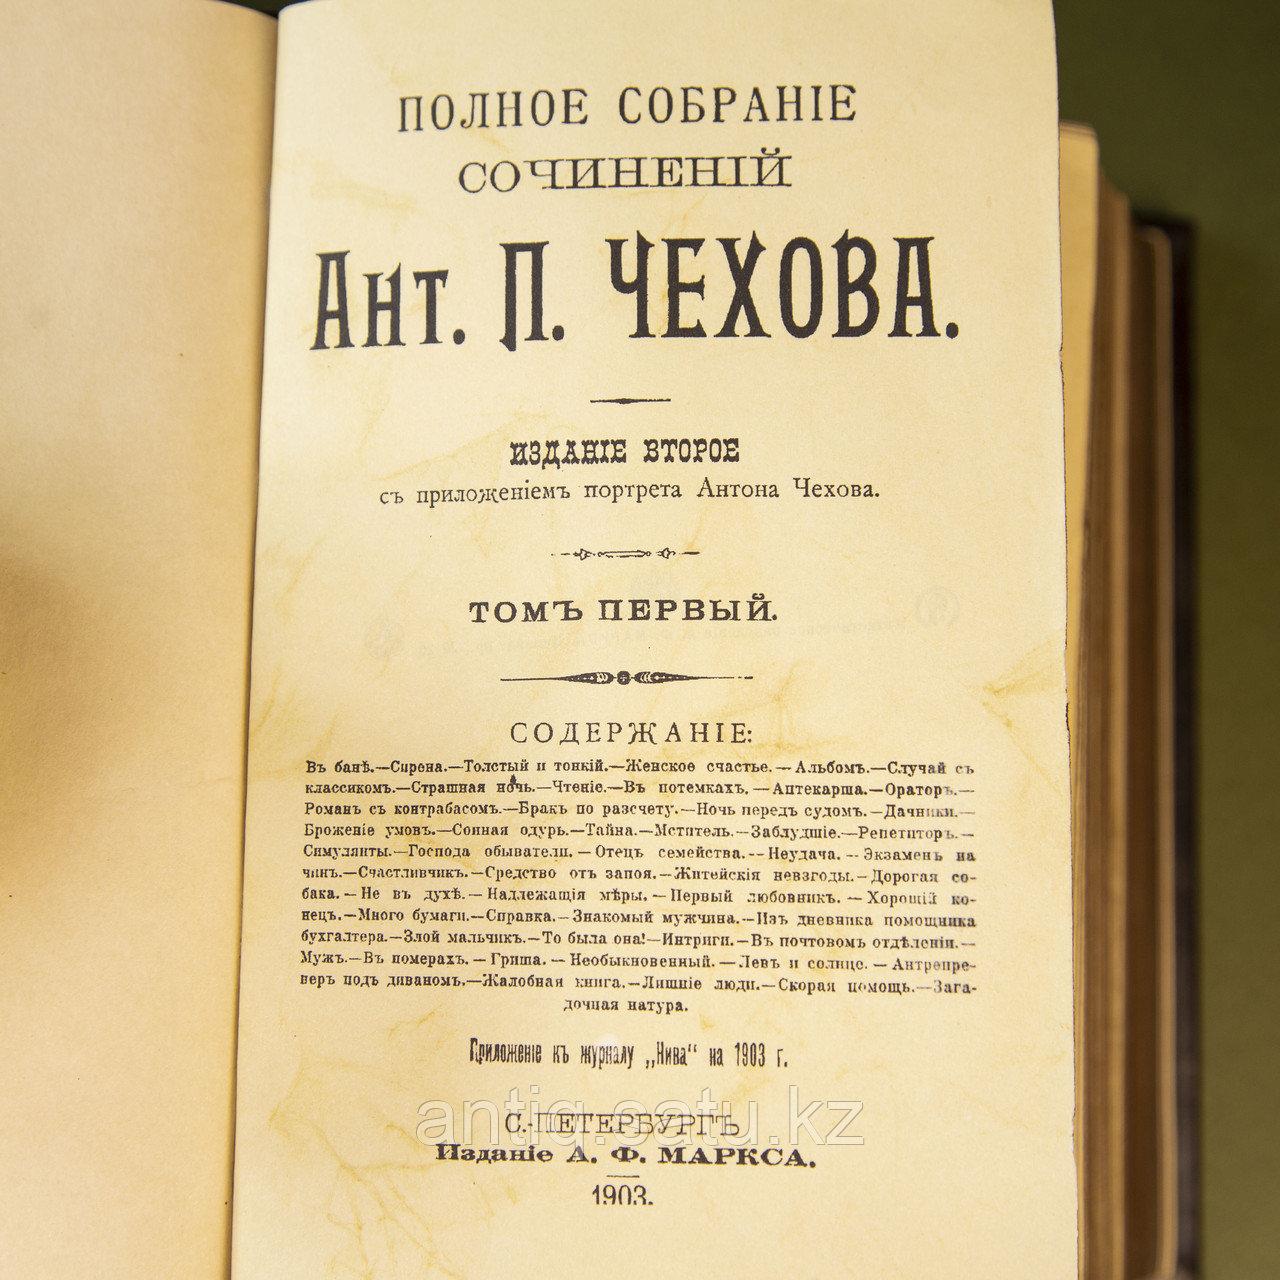 Собрание сочинений А.П. Чехова. 1903 год. Санкт-Петербург. - фото 4